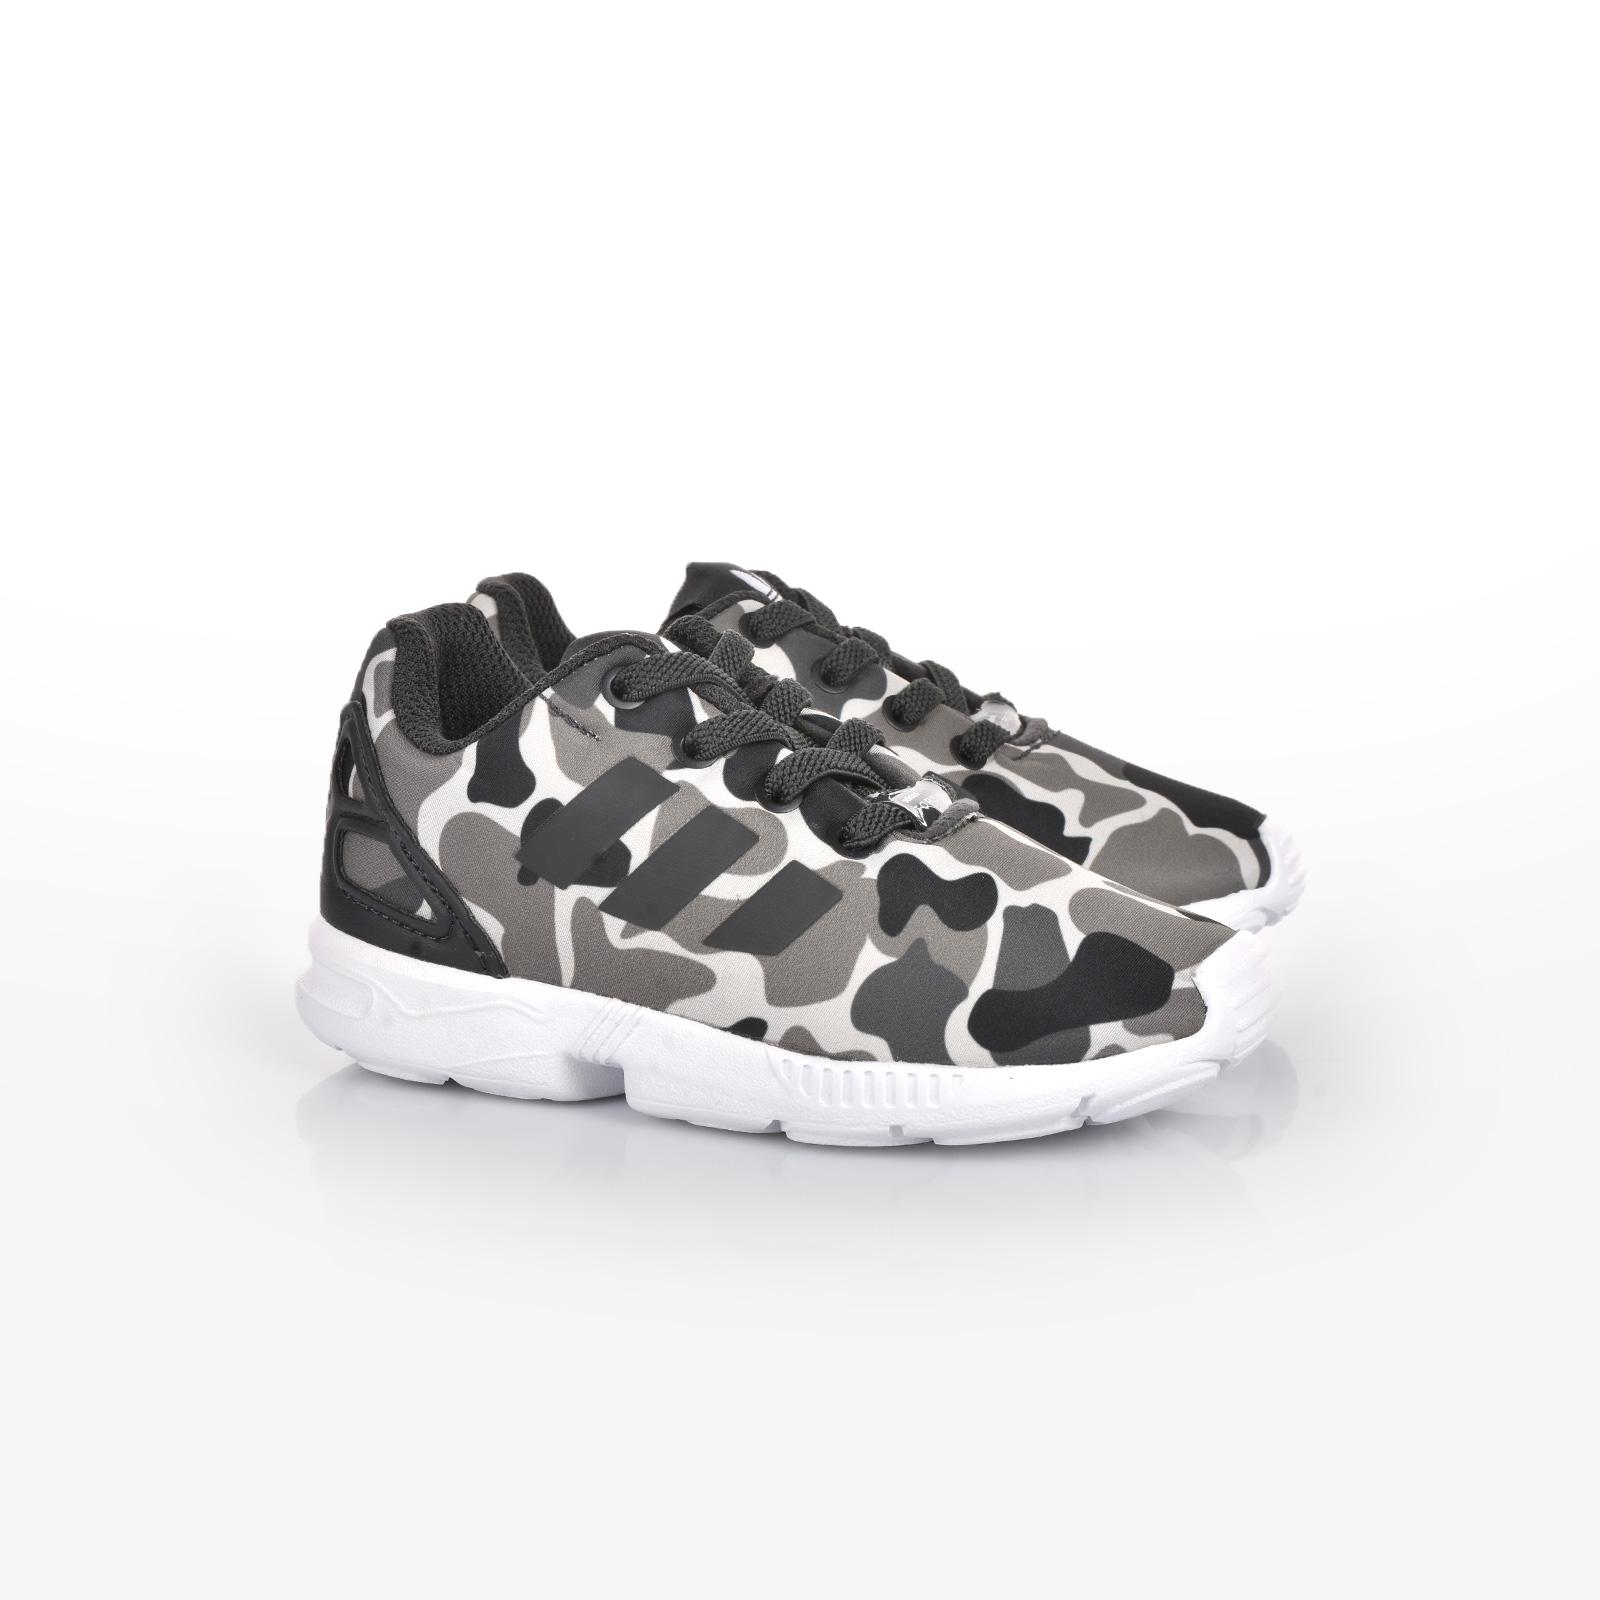 ed2679c71da -50% Sportcafe adidas Originals – ZX FLUX EL I – CARBON/CARBON/FTWWHT